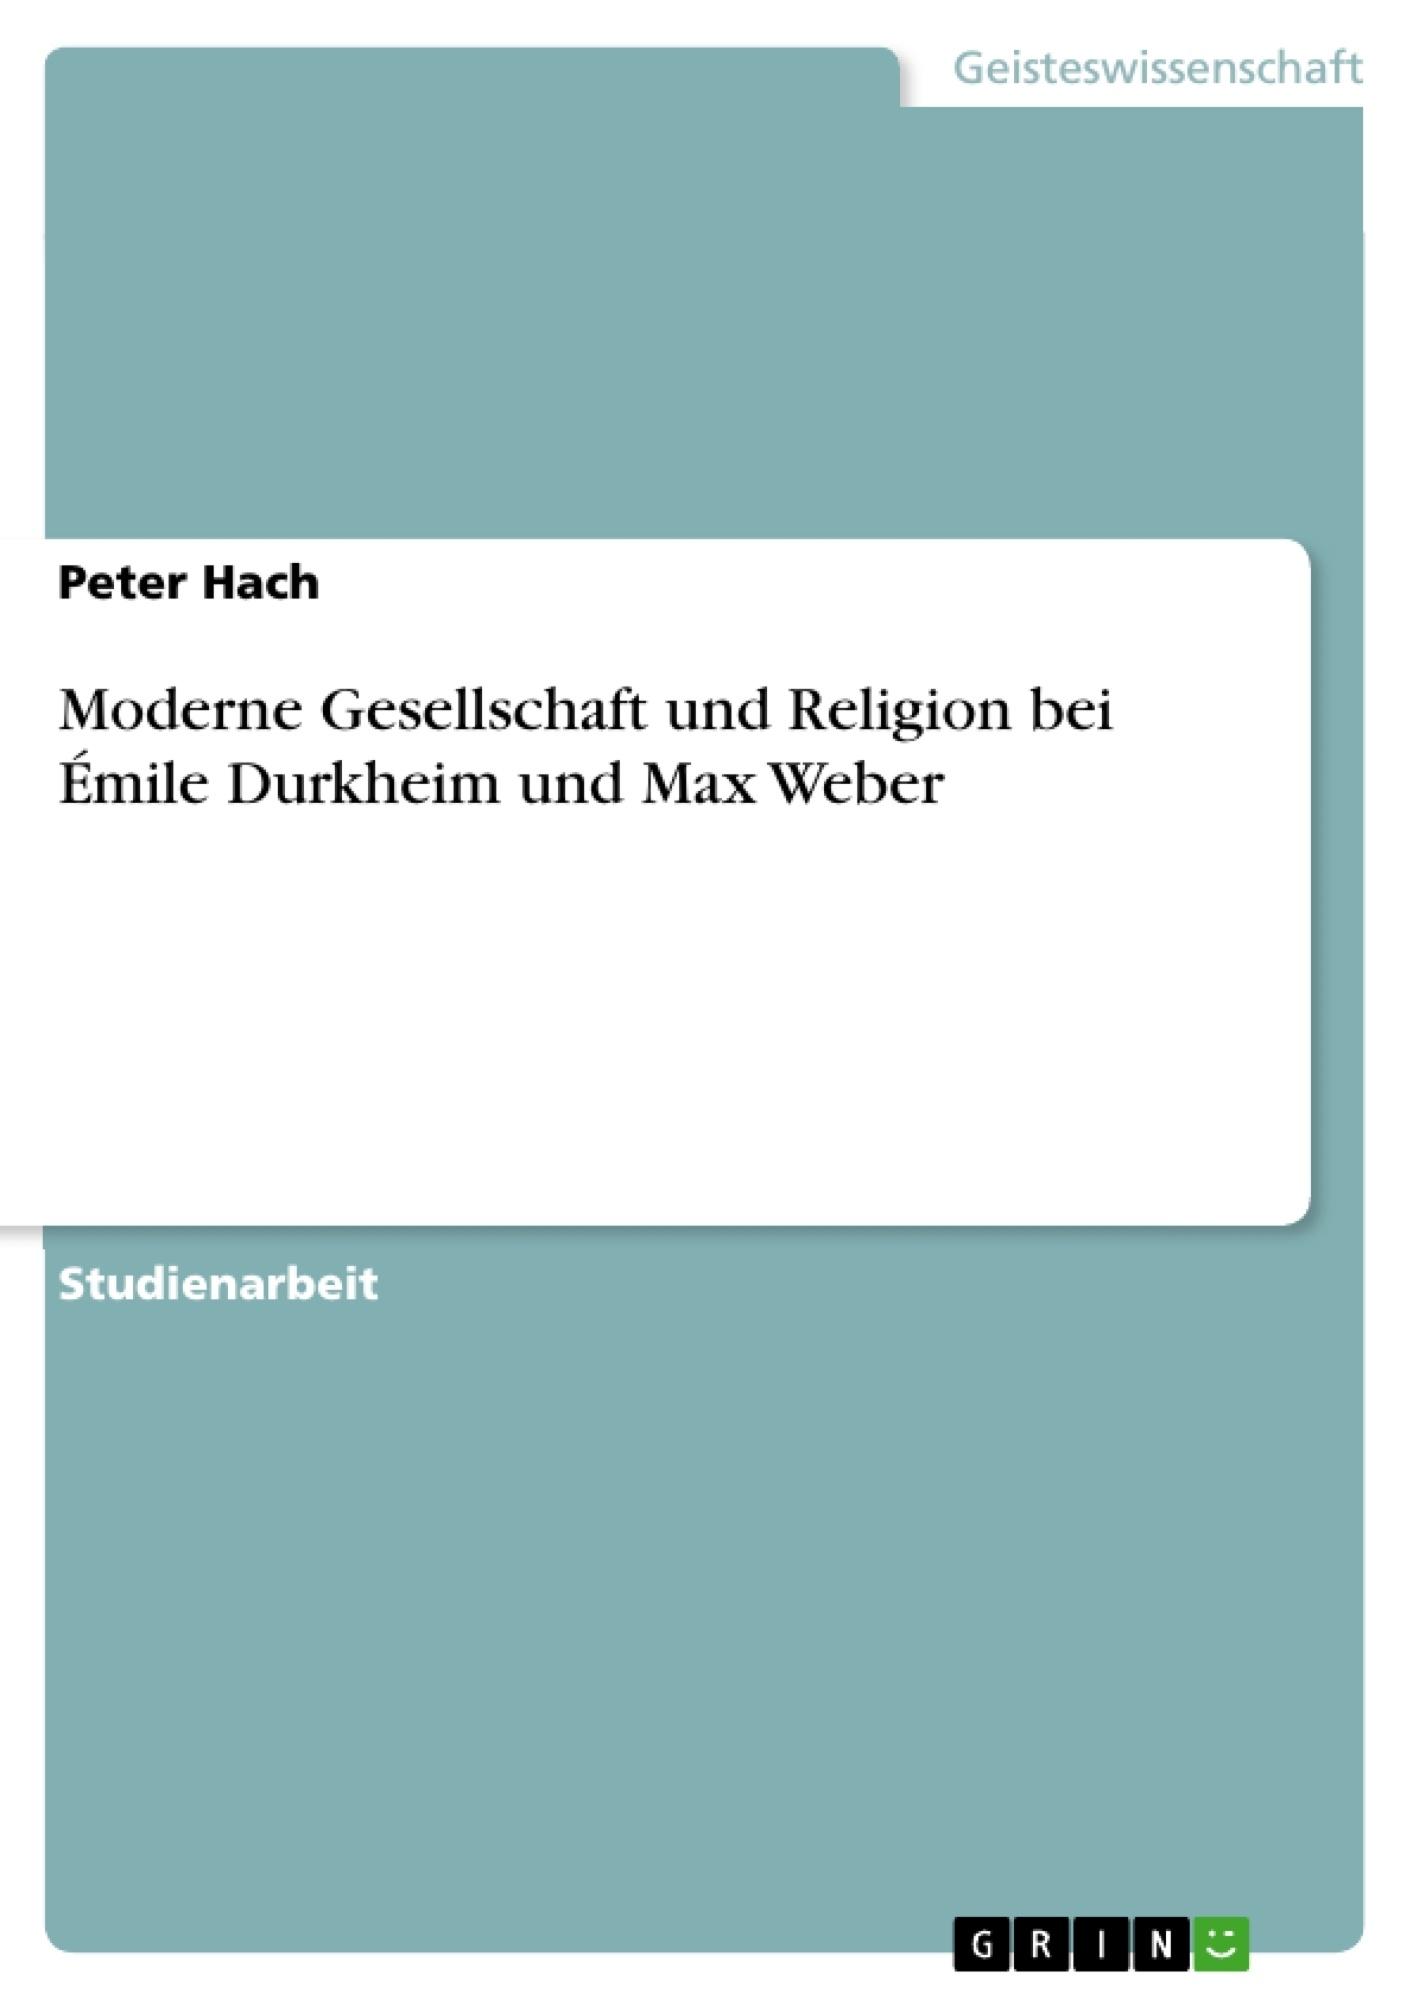 Titel: Moderne Gesellschaft und Religion bei Émile Durkheim und Max Weber